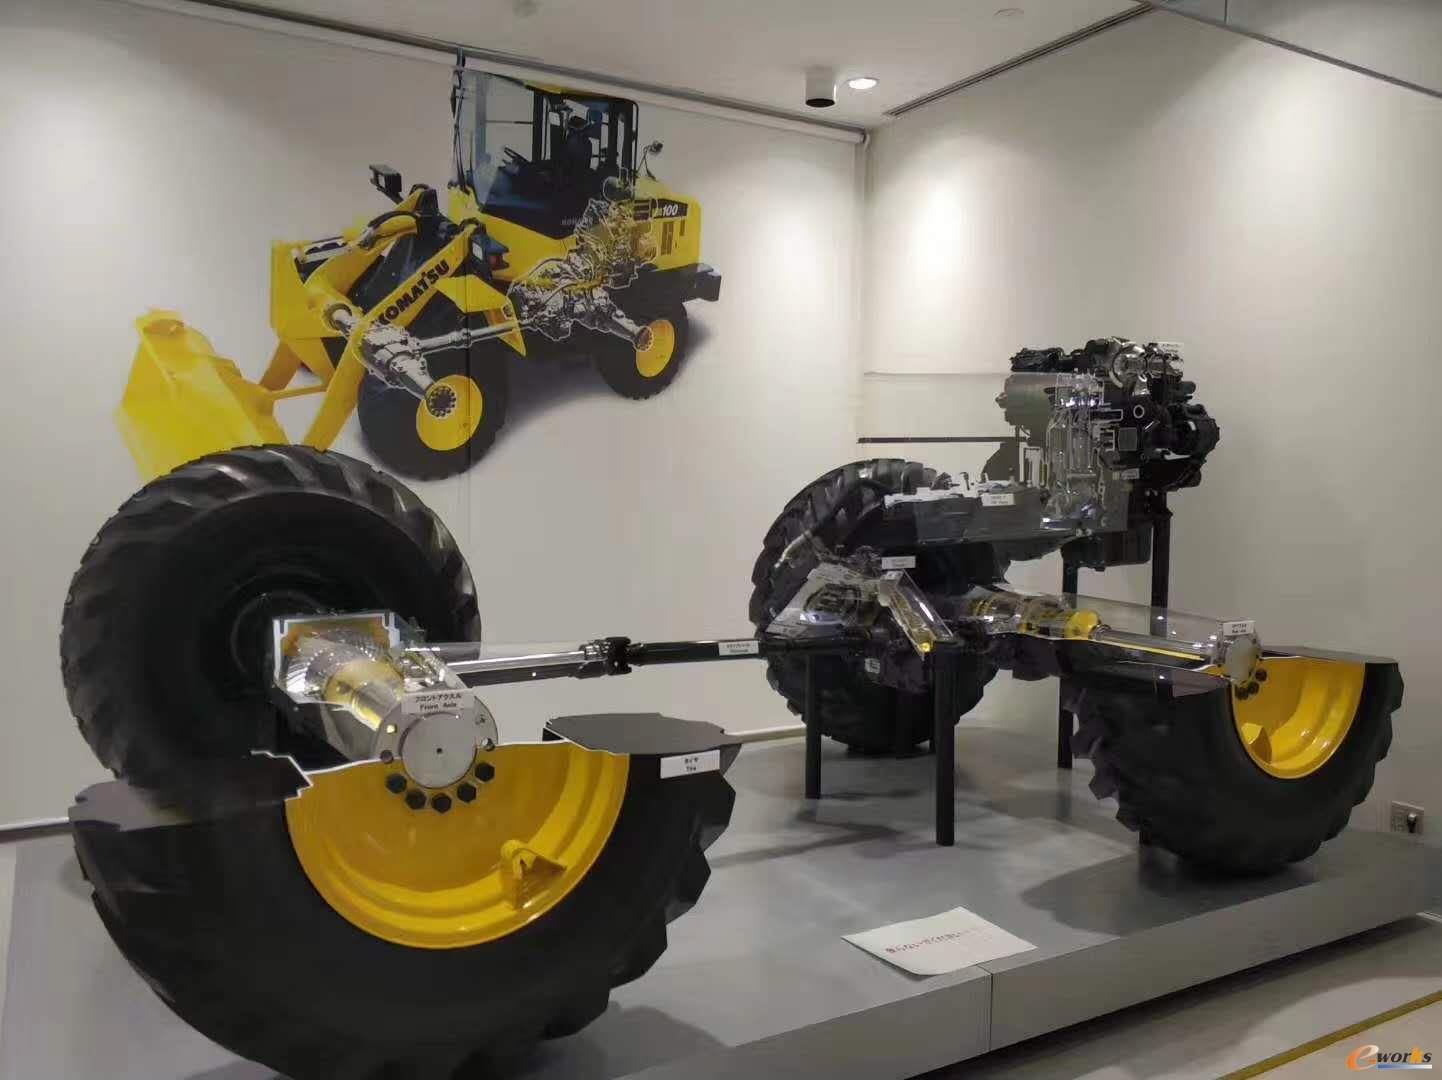 小松展示的工程机械产品